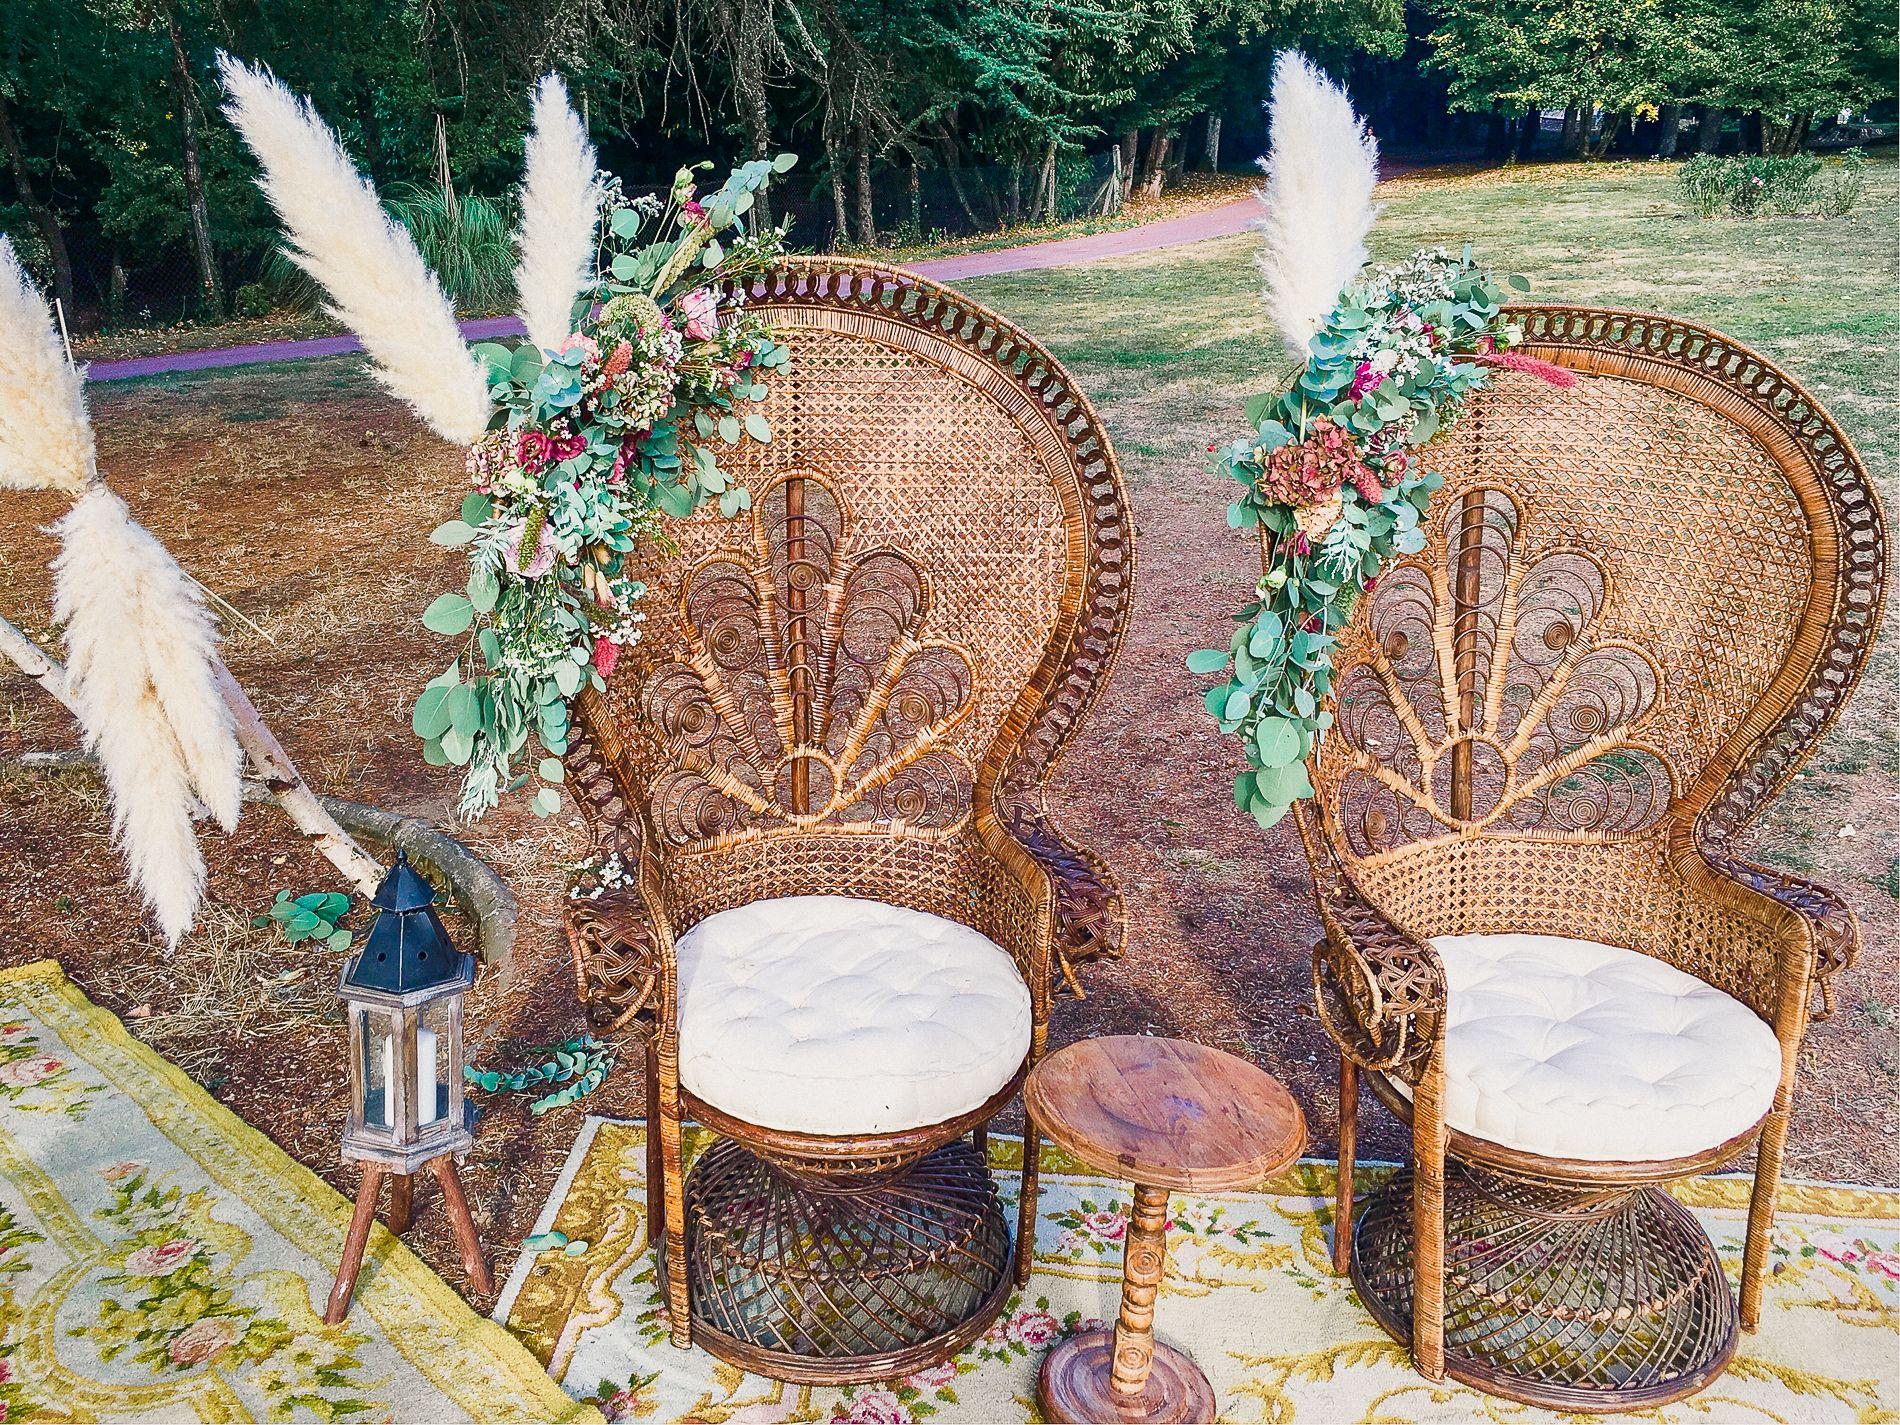 Comment Faire Un Centre De Table Avec Des Fleurs fleurs pour un mariage bohème rétro folk aux inspirations